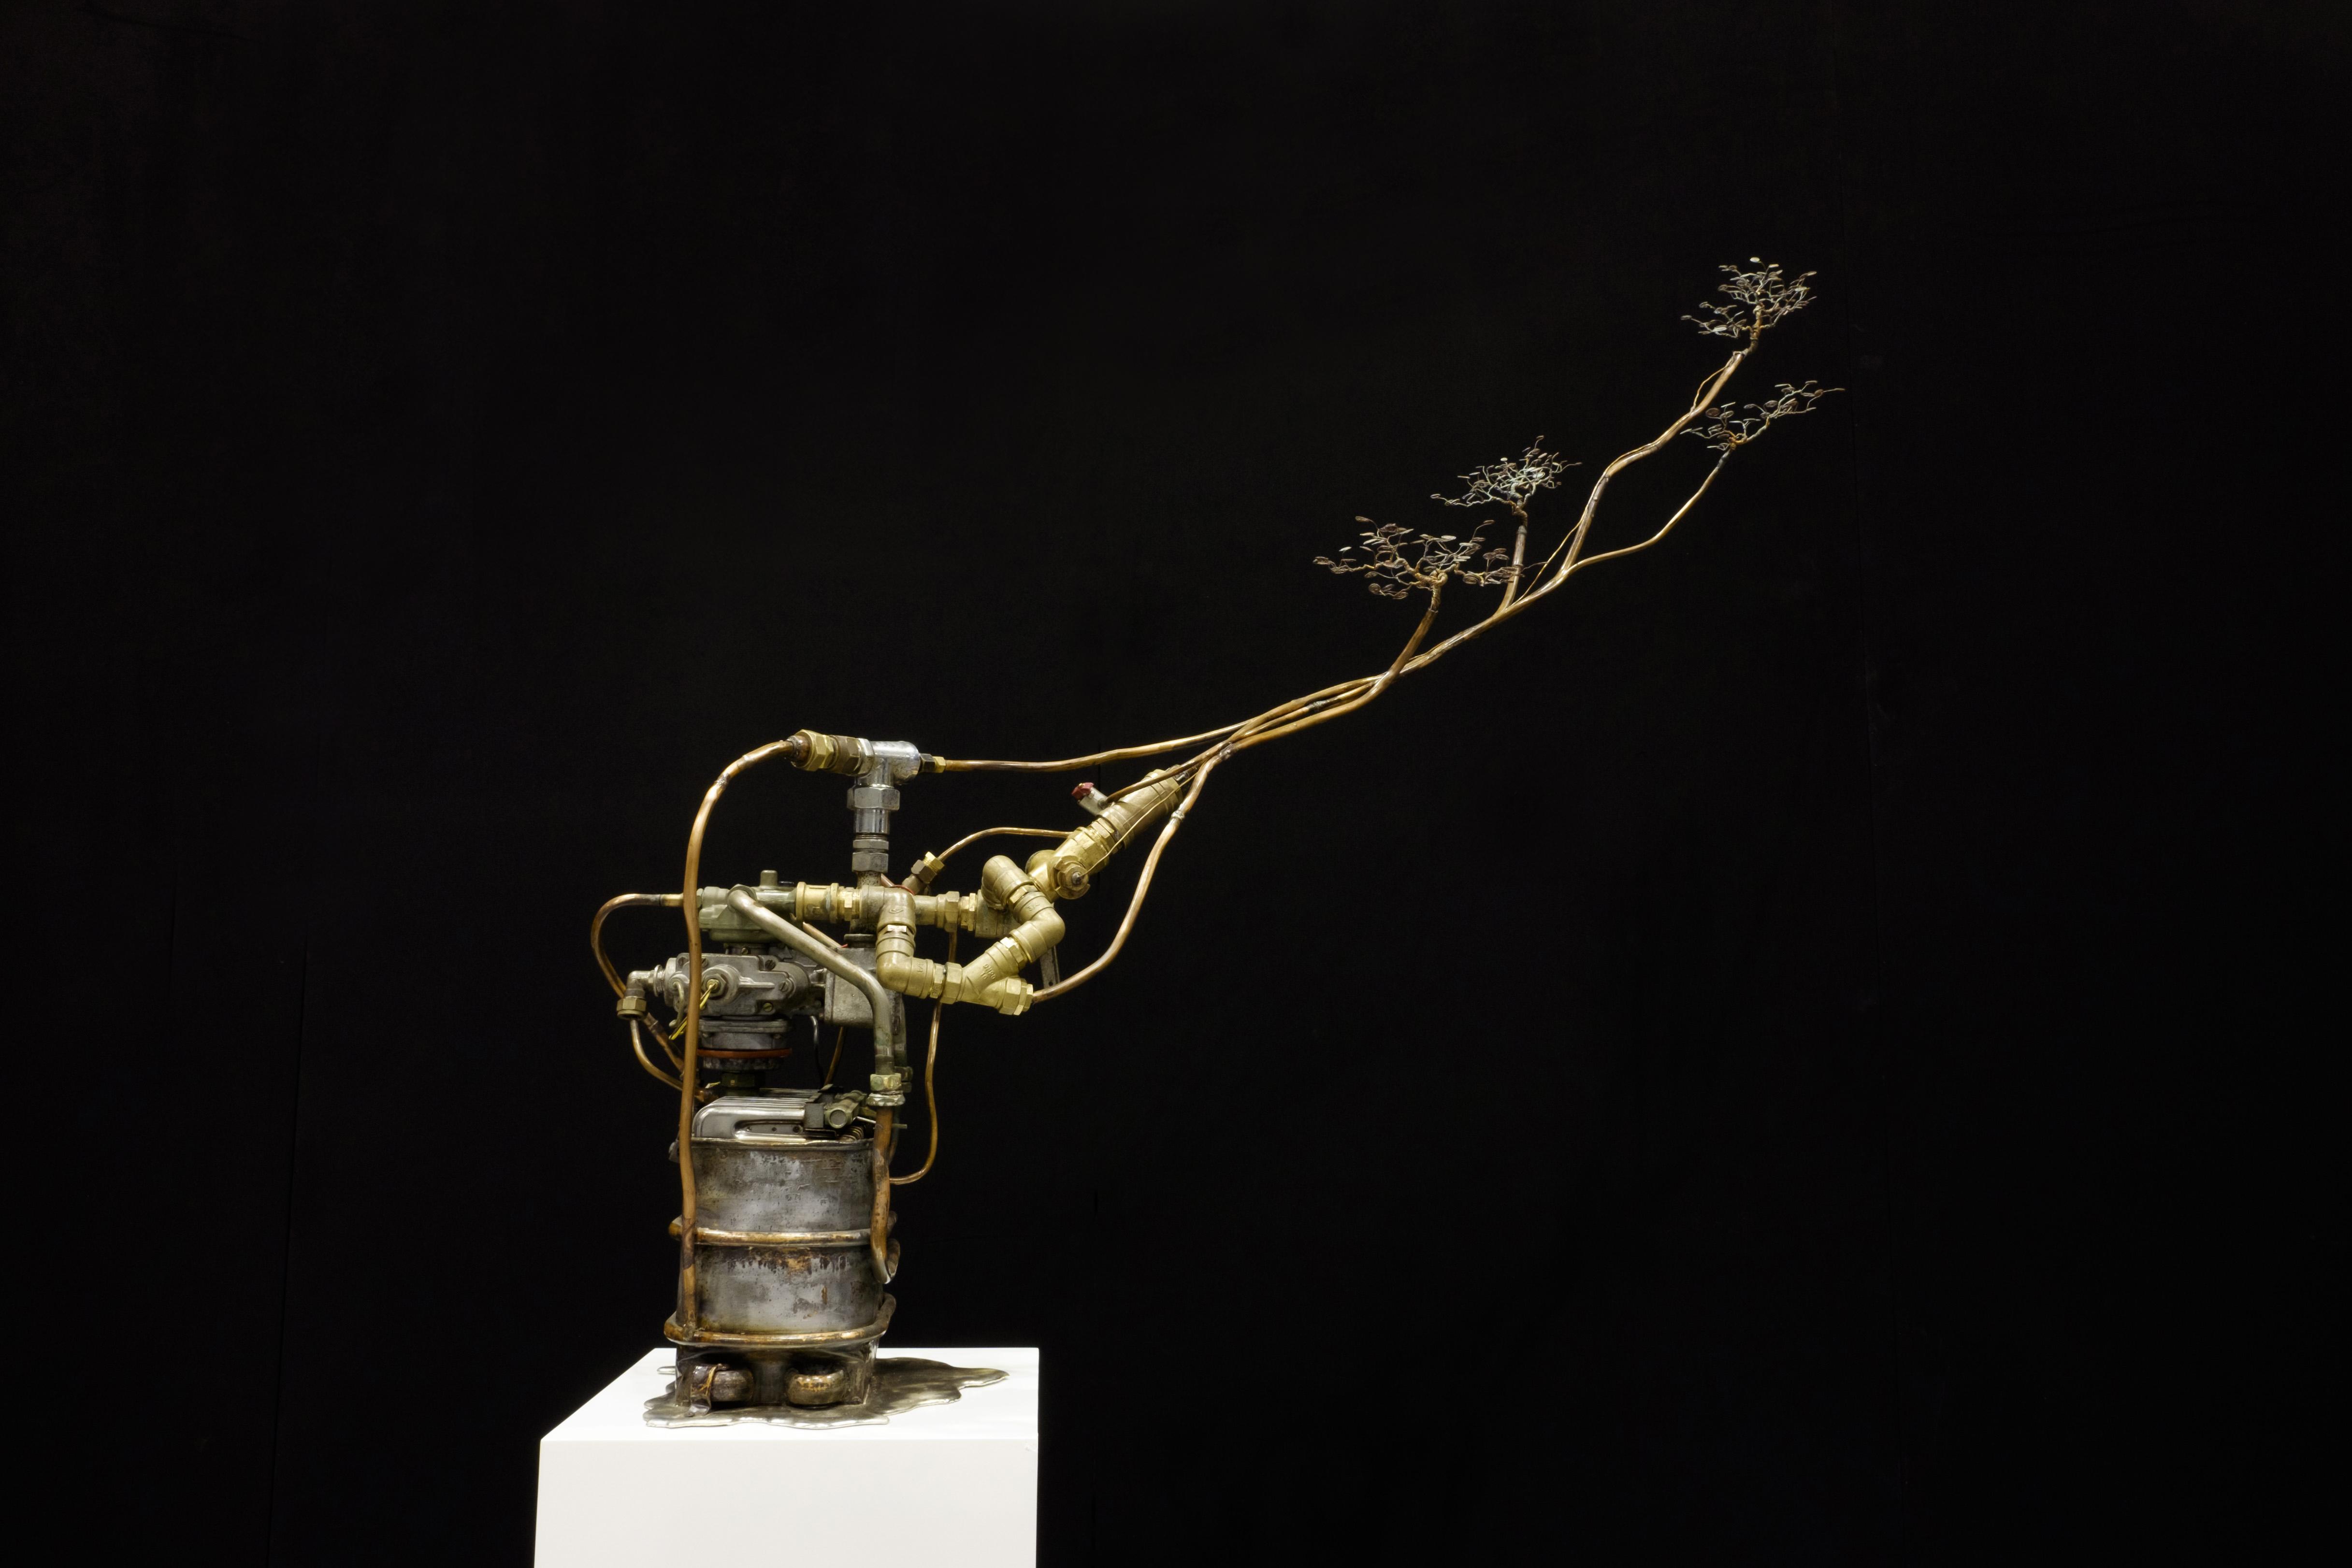 鐵樹 2016 Metal Tree 2016